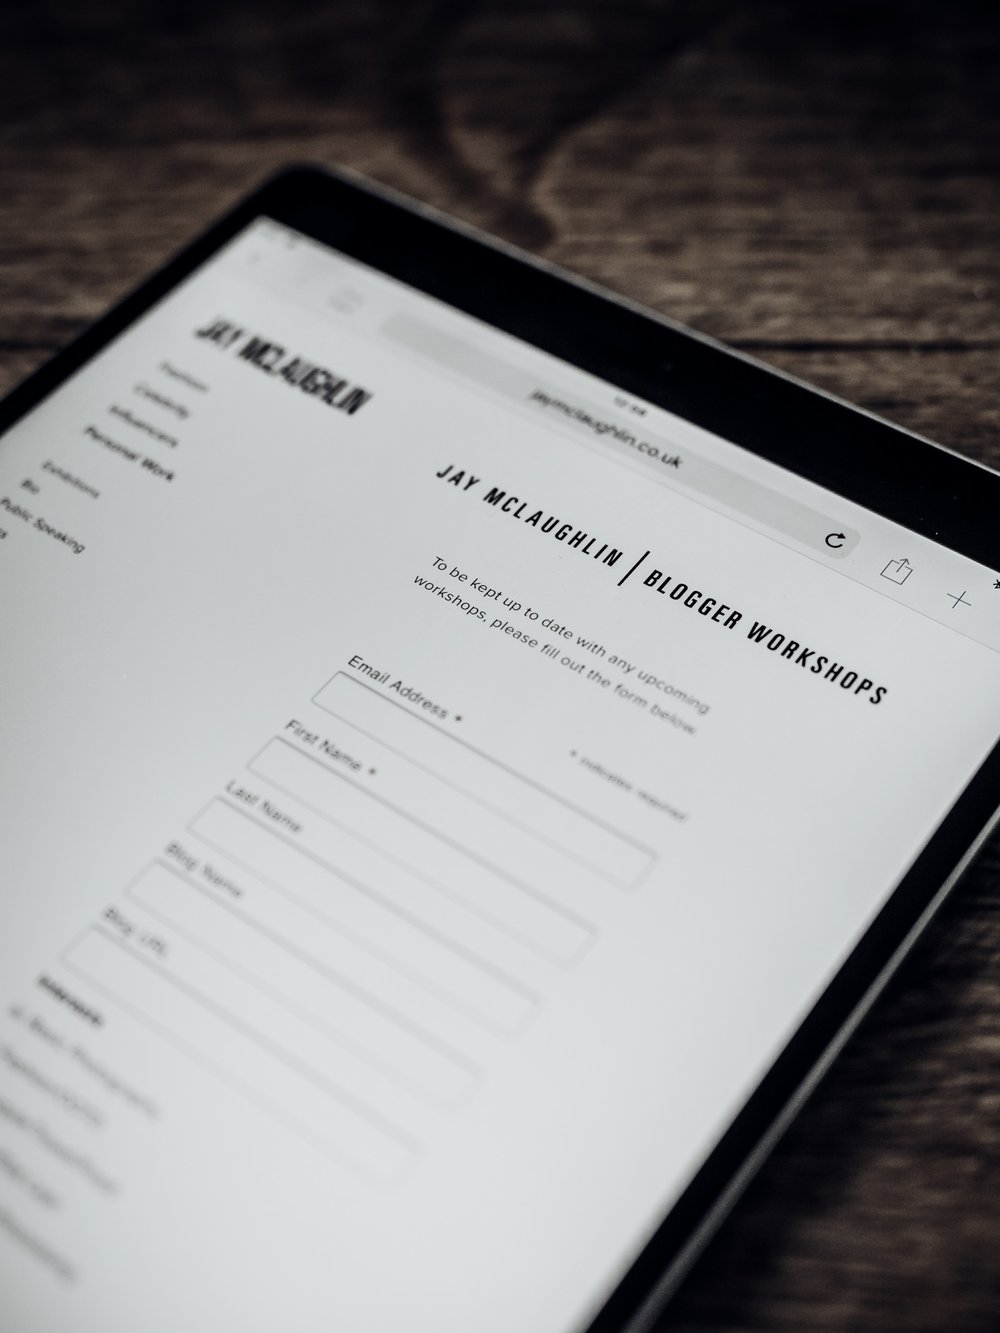 Blogger Workshop Workshops Olympus PEN Mailing List Sign Up Form iPad Apple Online